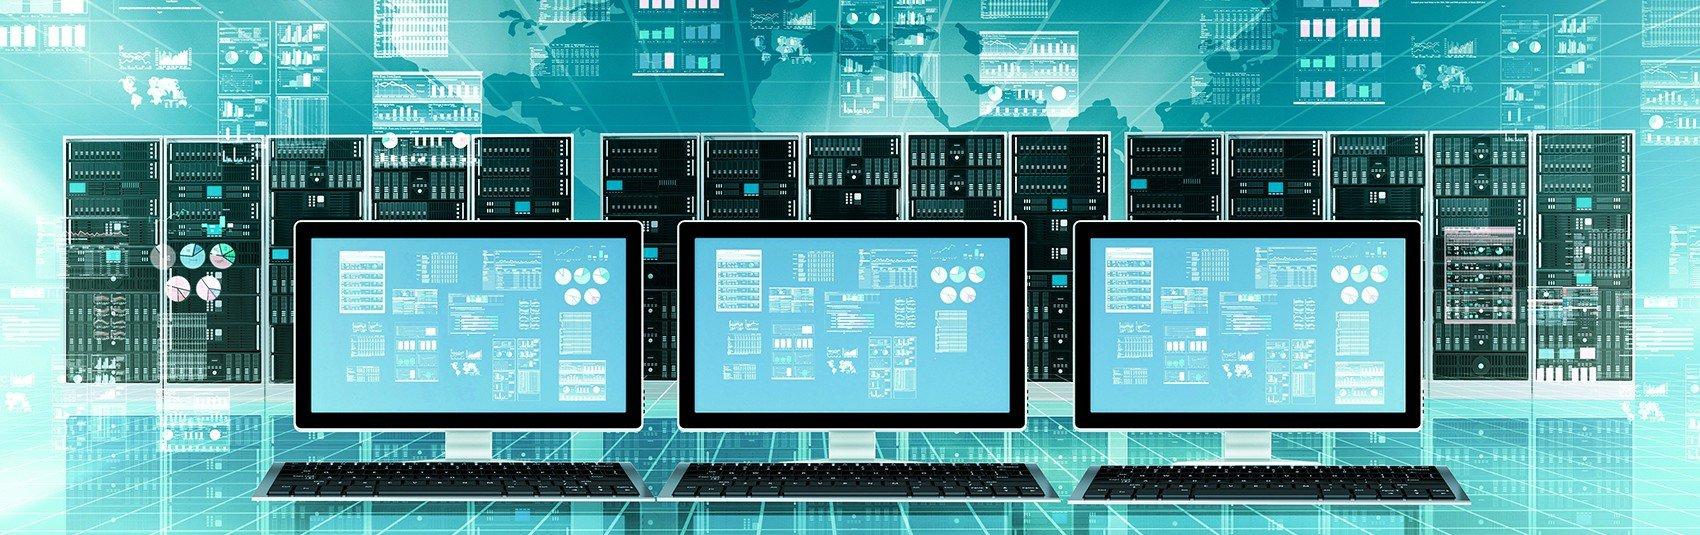 web-hosting-banner.jpg